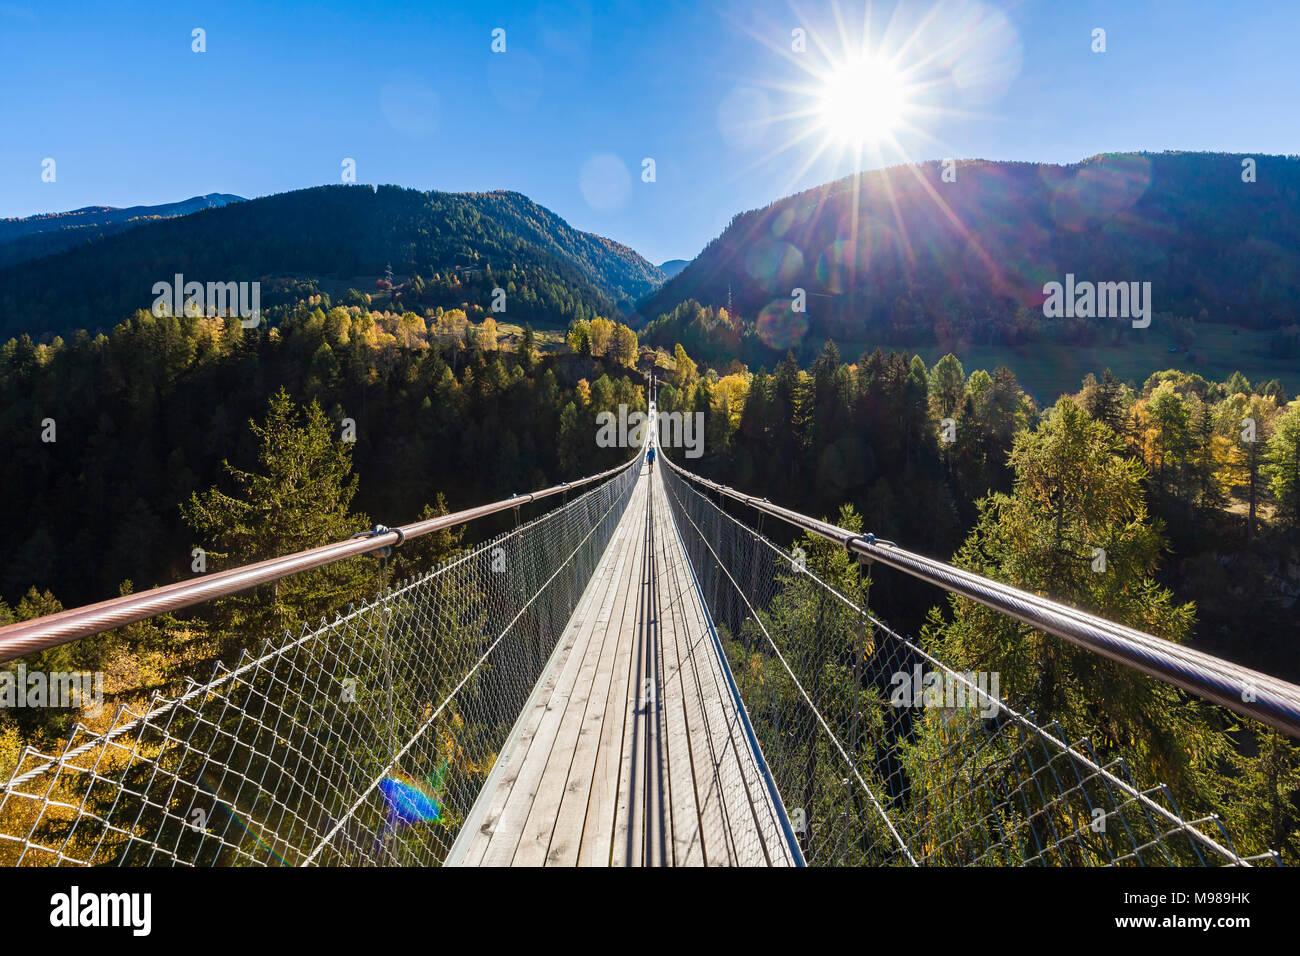 Schweiz, Kanton Wallis, Goms, bei Bellwald, Goms Bridge über Lamma-Schlucht, Hängebrücke zwischen Fürgangen und Mühlebach, Fußgängerbrücke, Brücke, fr Stock Photo